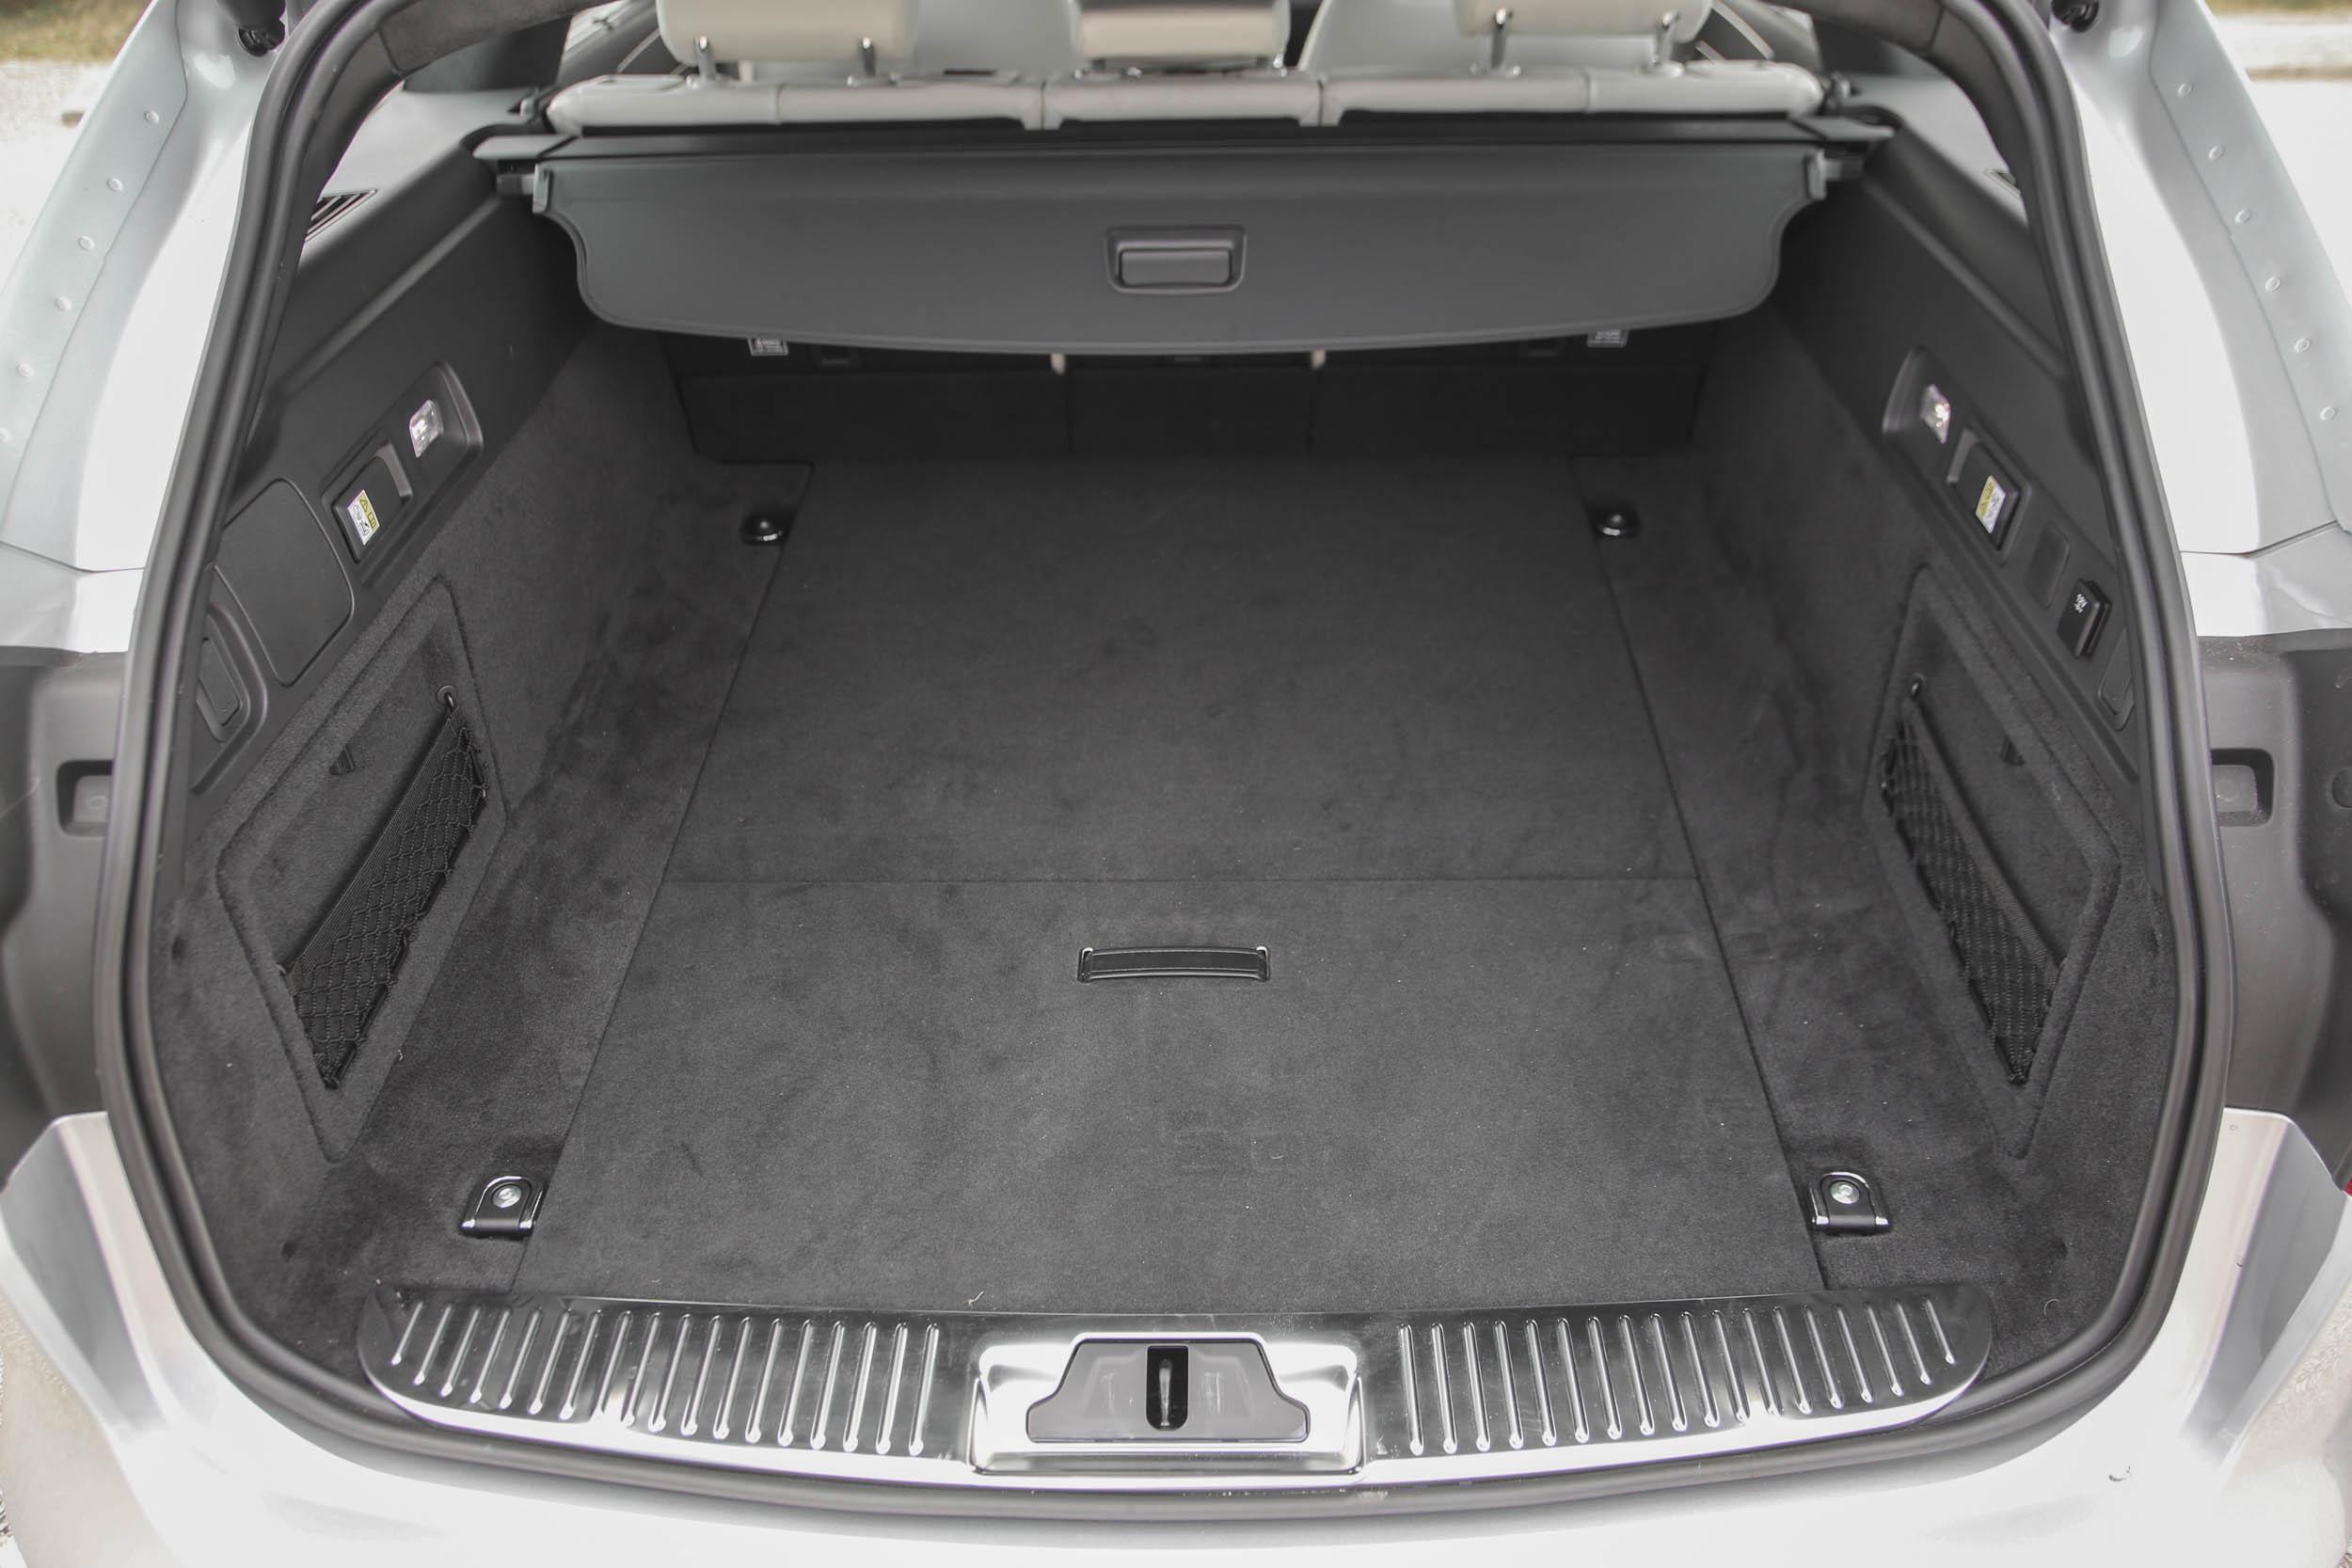 2018 Jaguar XF cargo